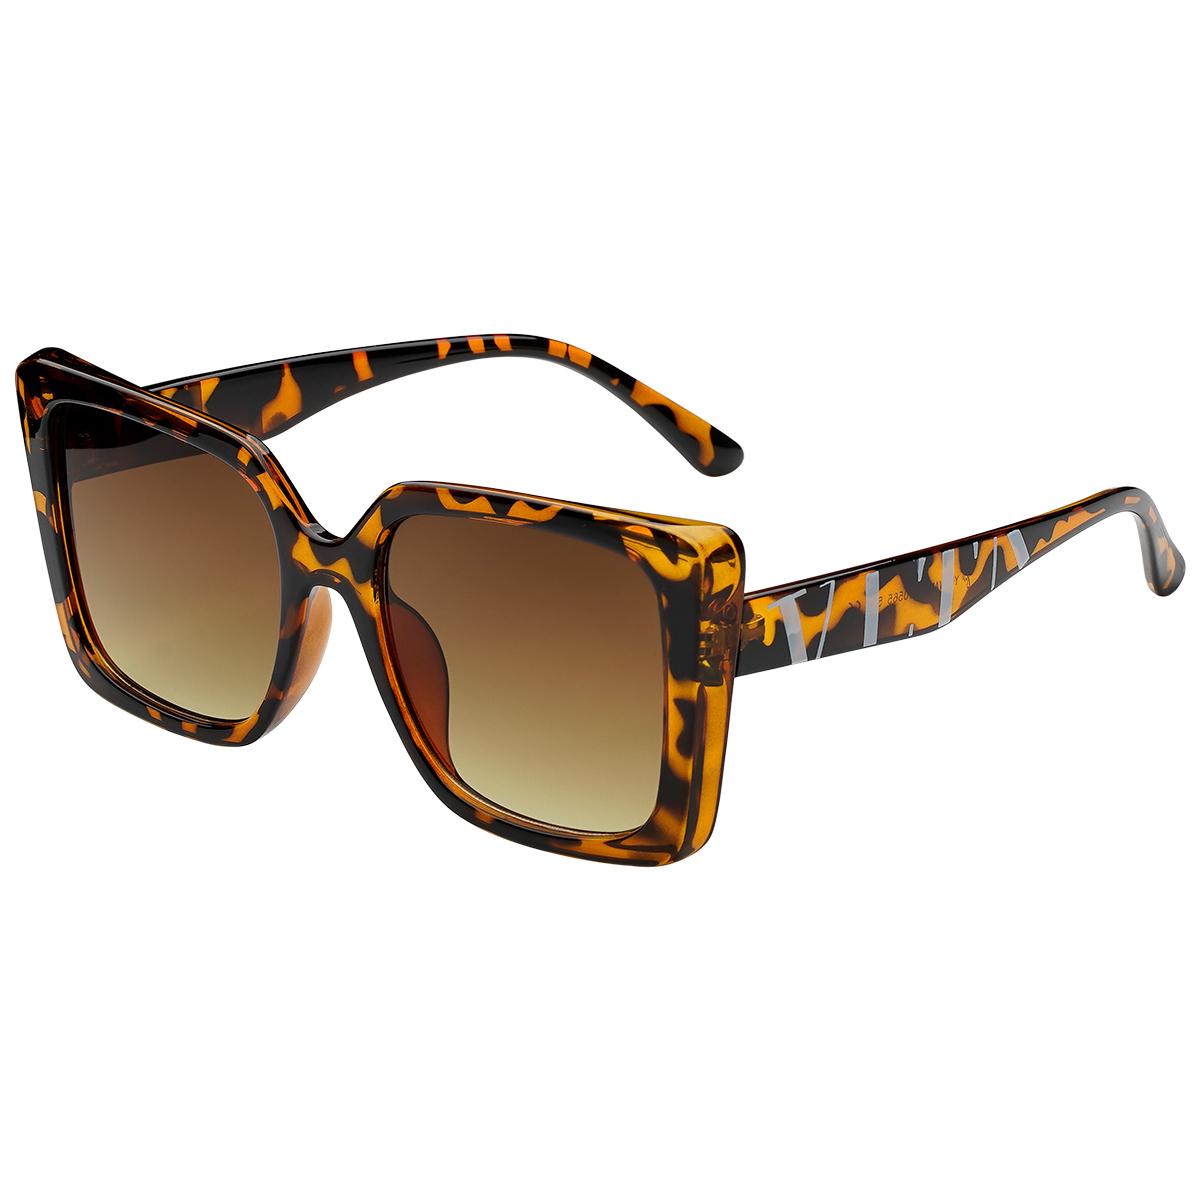 Zonnebril VLTA bruin bruine vierkante dames zonnebrillen vlta tekst zijkanten trendy festival brillen musthaves kopen bestellen yehwang